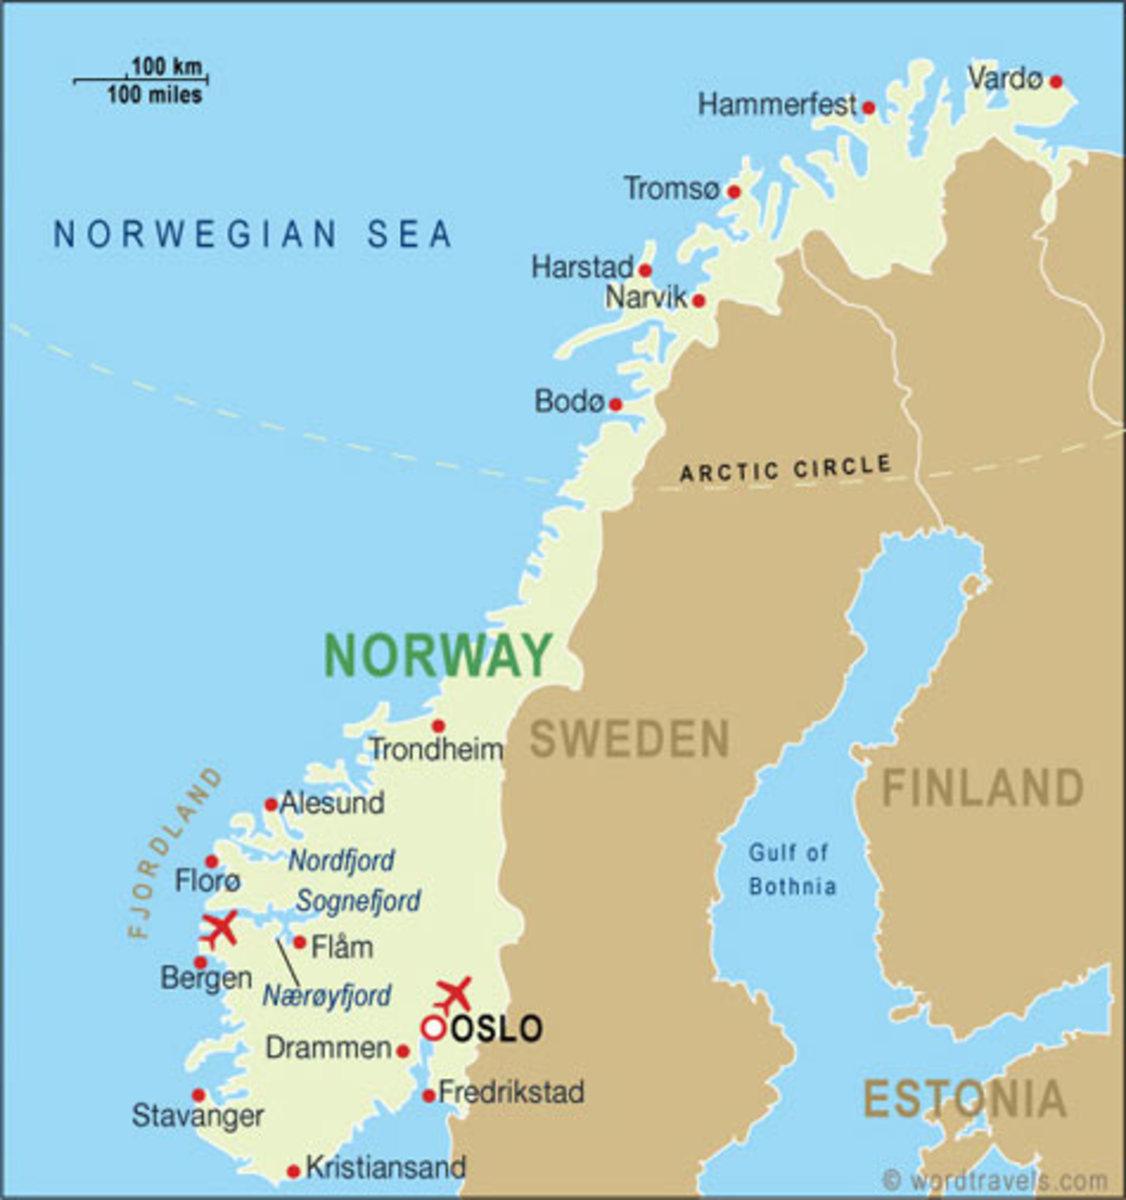 Tromso City, Norway